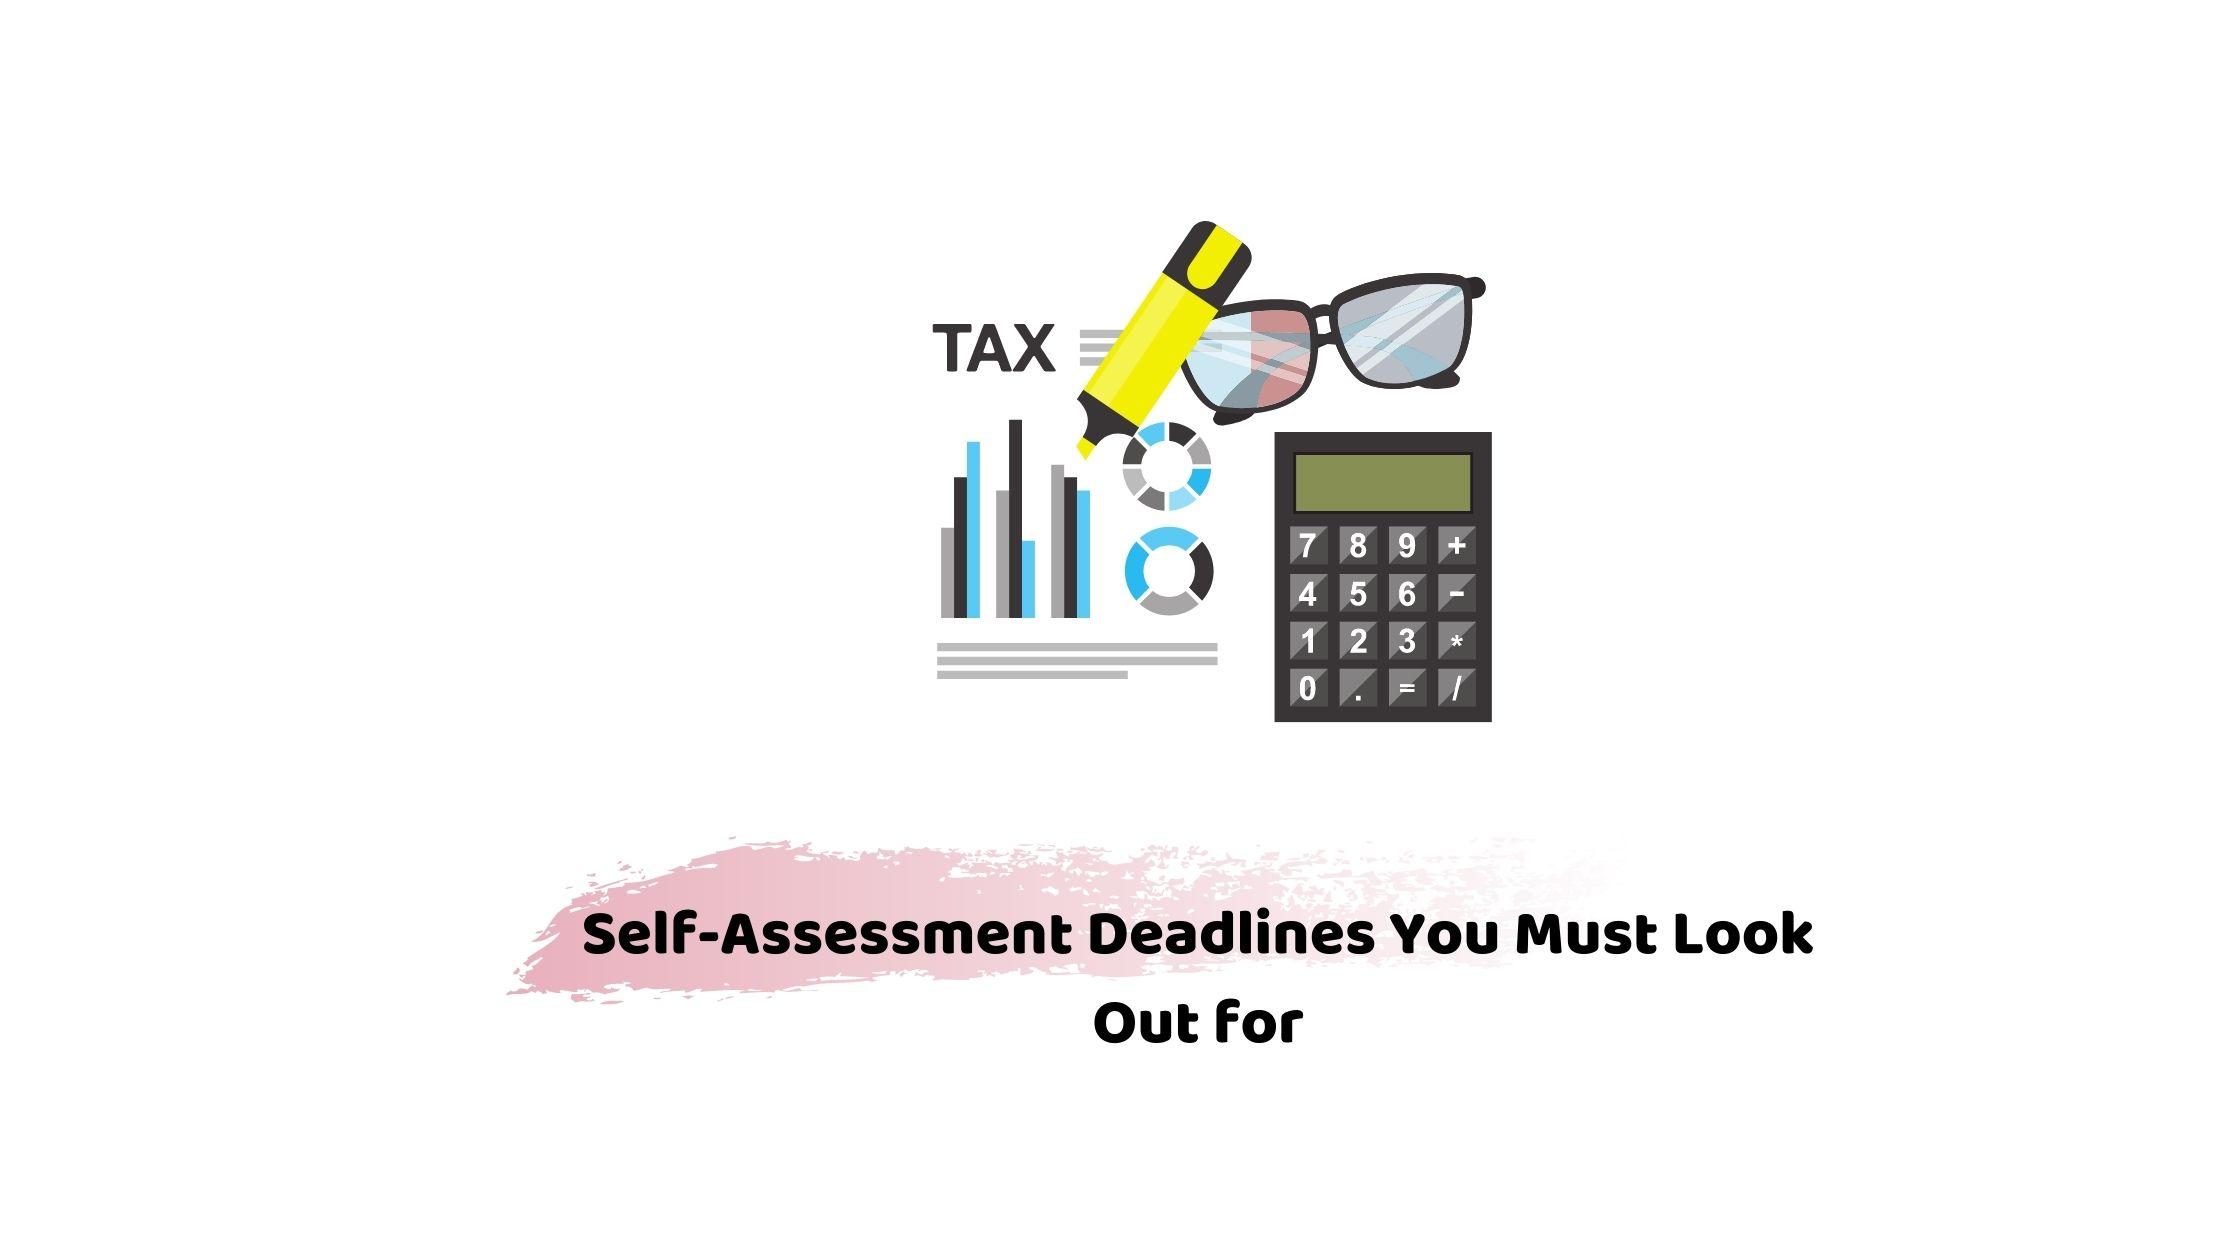 self-assessment deadlines